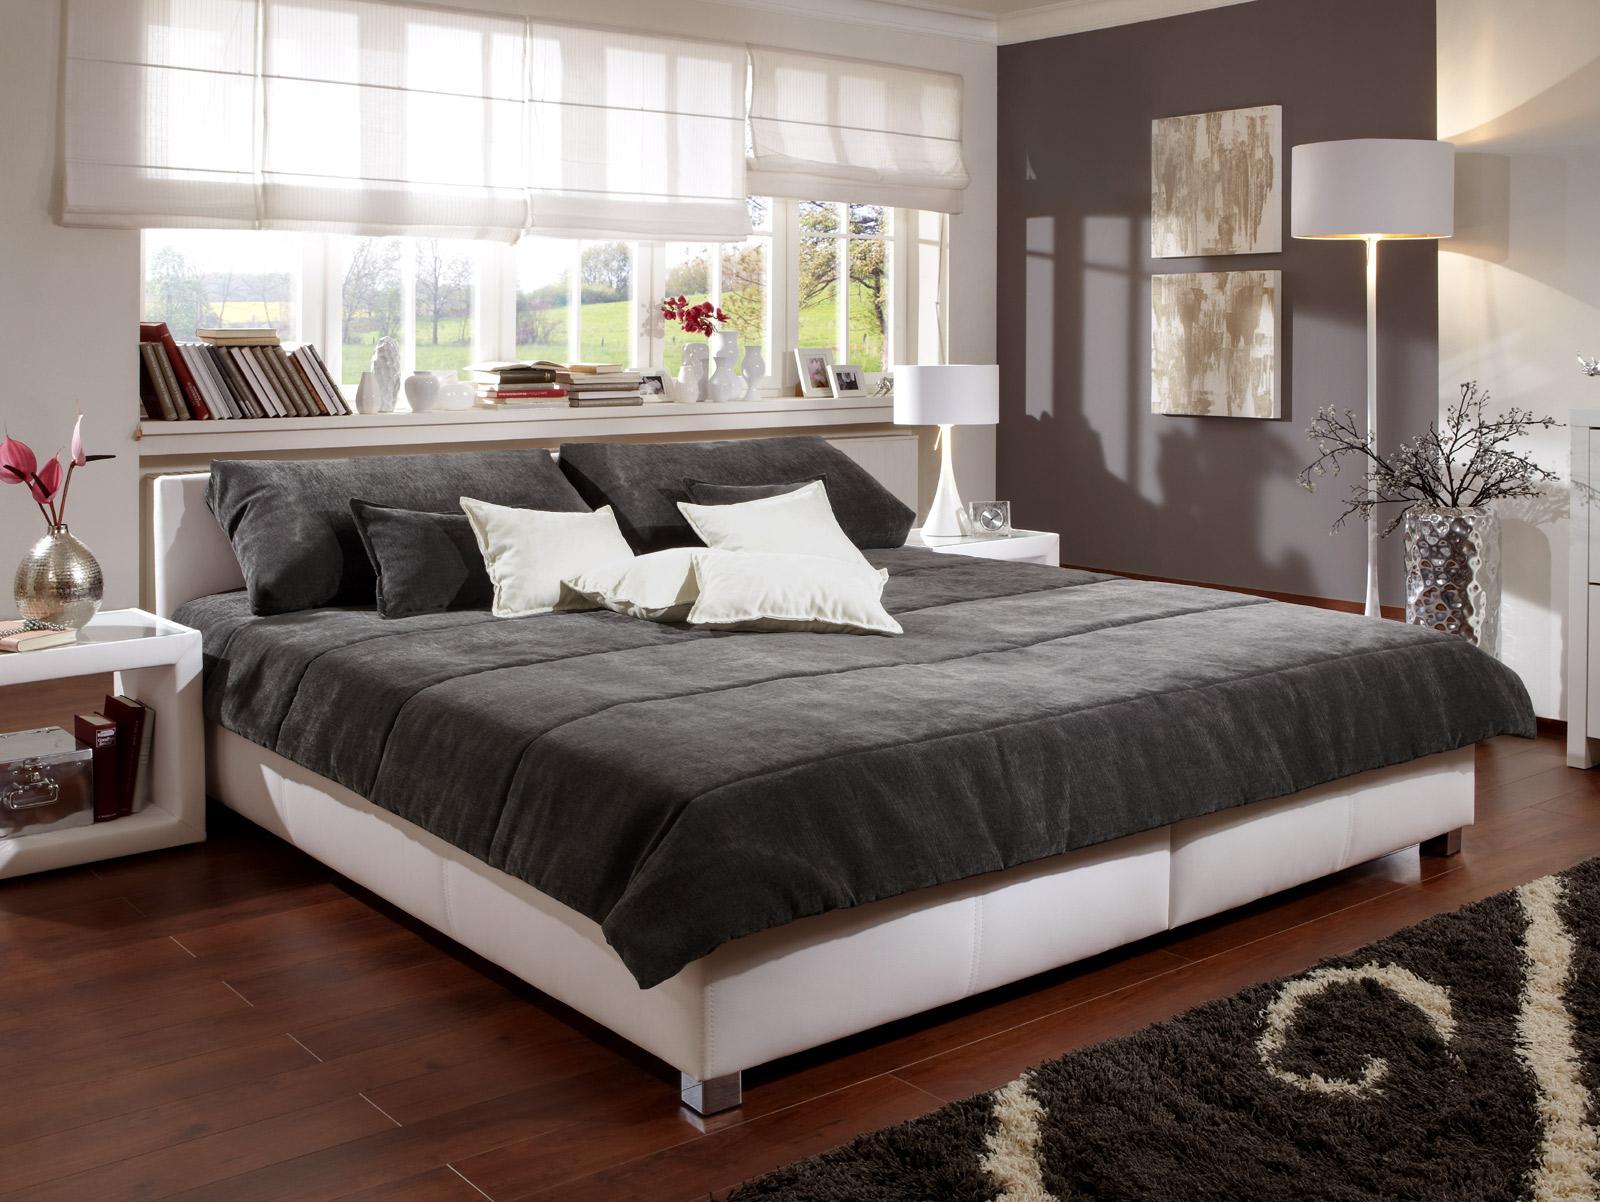 polsterbett für ihr schlafzimmer z. b. in weiß - amadeo, Schlafzimmer entwurf